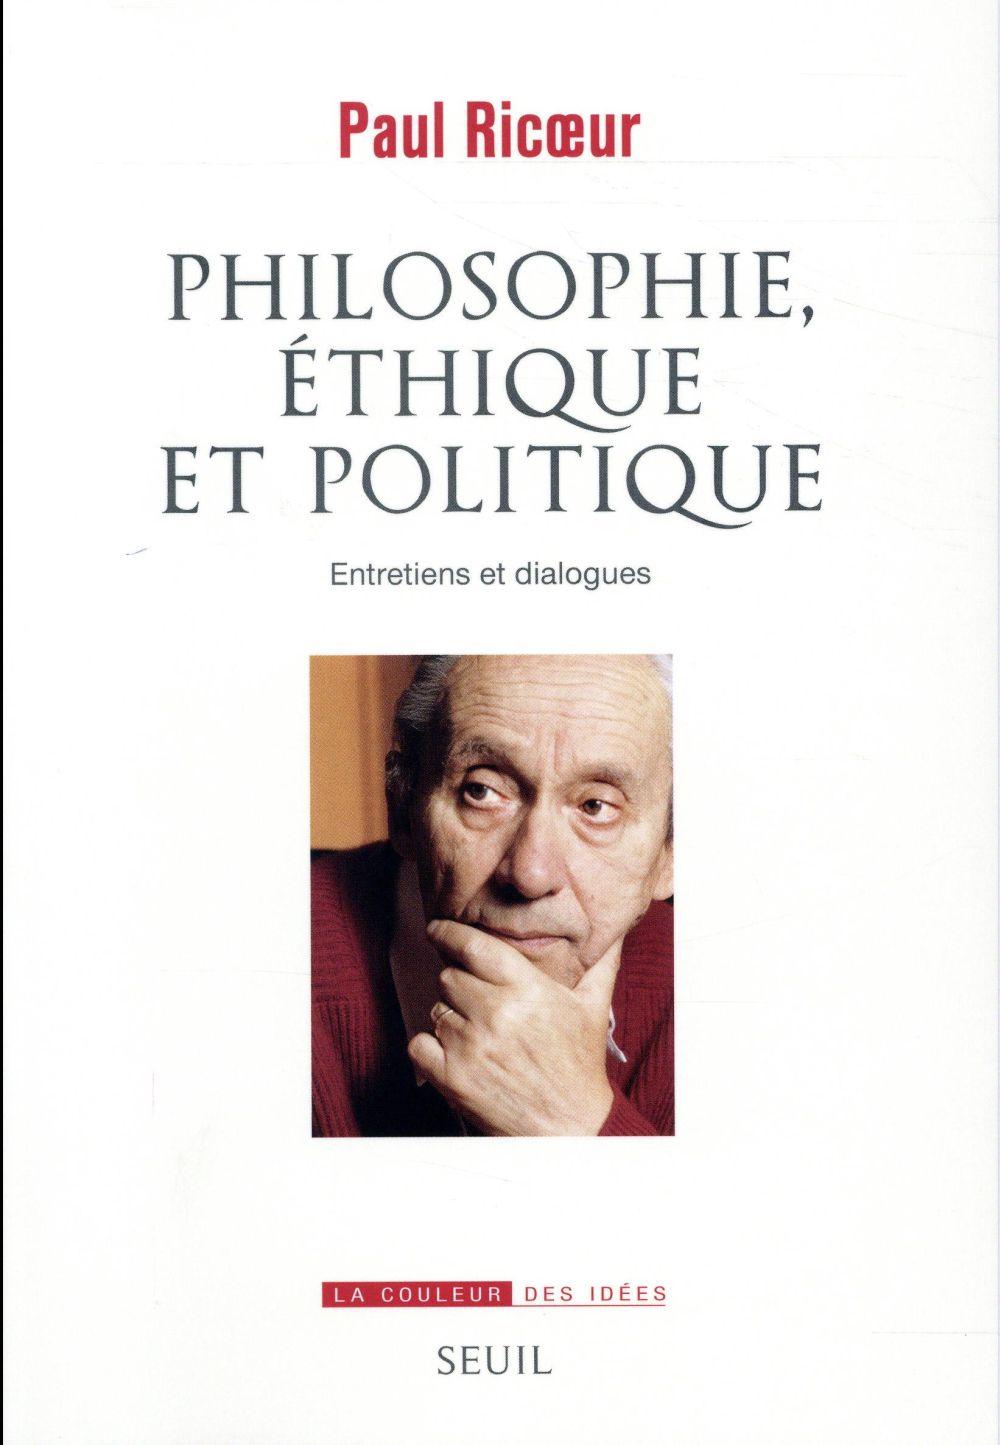 PHILOSOPHIE, ETHIQUE ET POLITIQUE : ENTRETIENS ET DIALOGUES